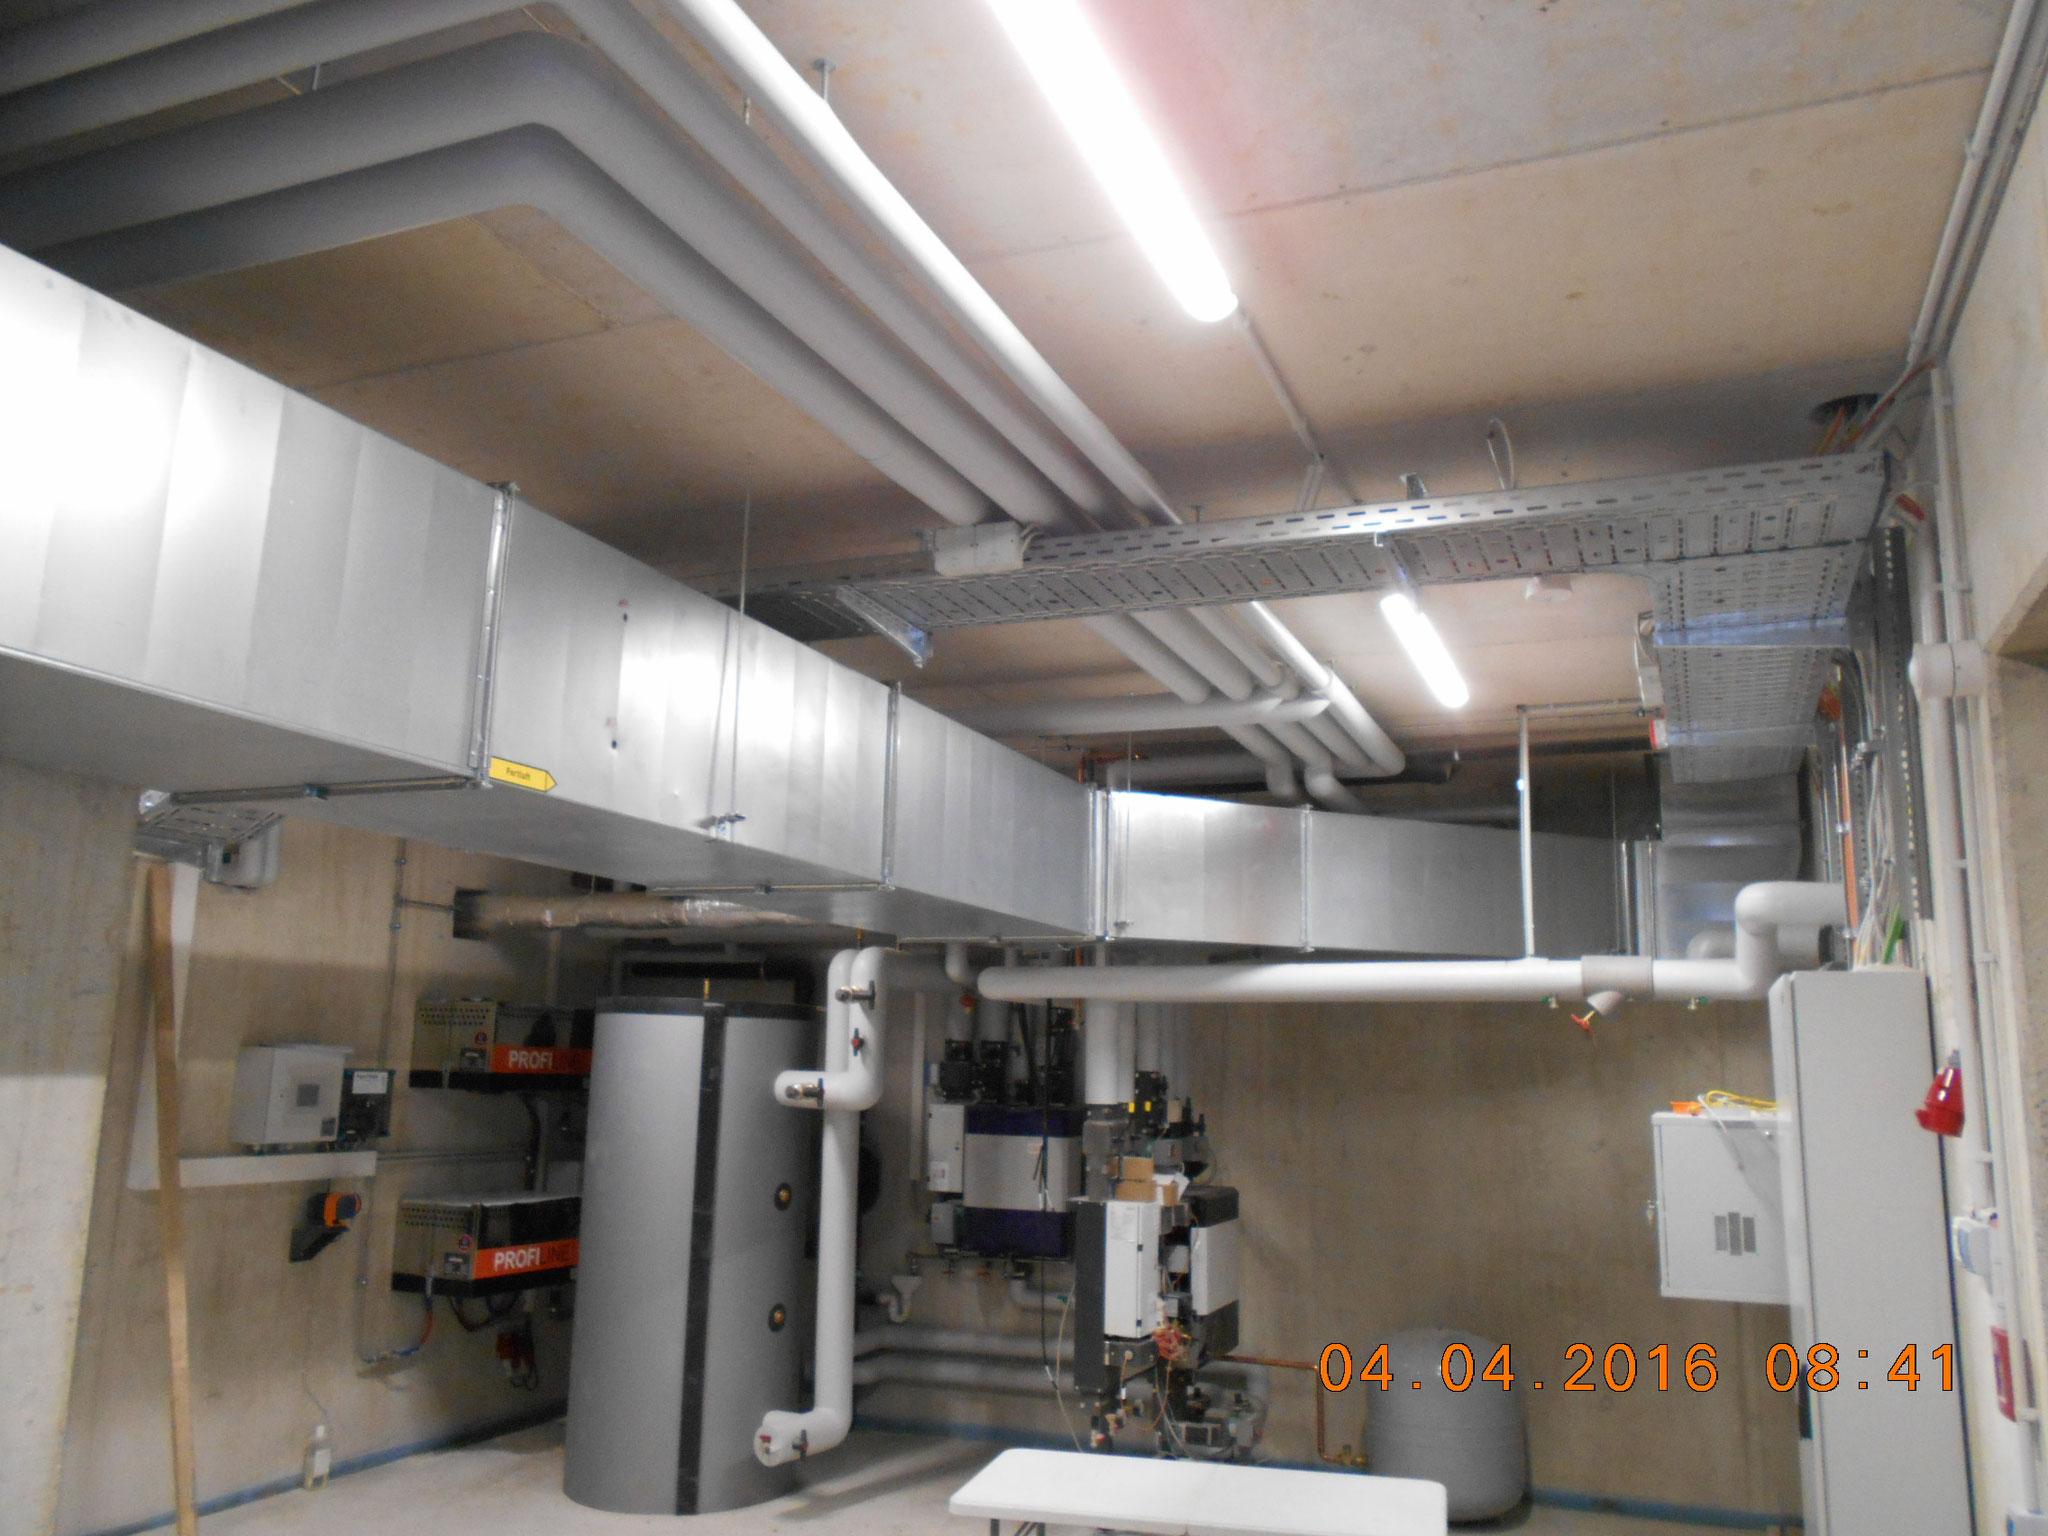 Technikraum mit Fernwärmeübergabestation und Verteilung